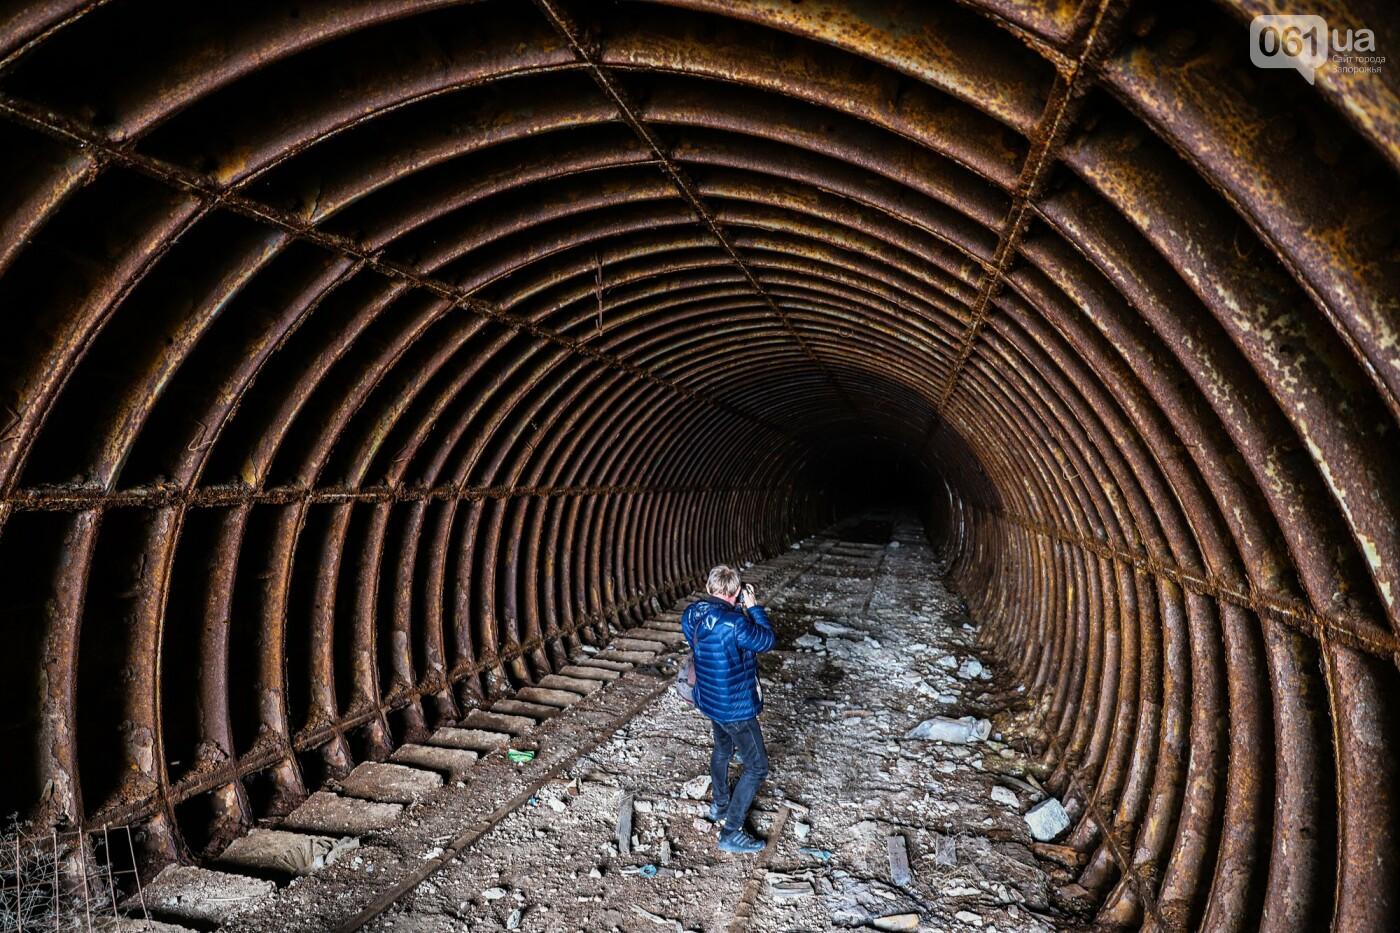 Монтаж первого пролета вантового моста, транспортный локдаун и репортаж из заброшенной шахты: апрель в фотографиях, фото-81